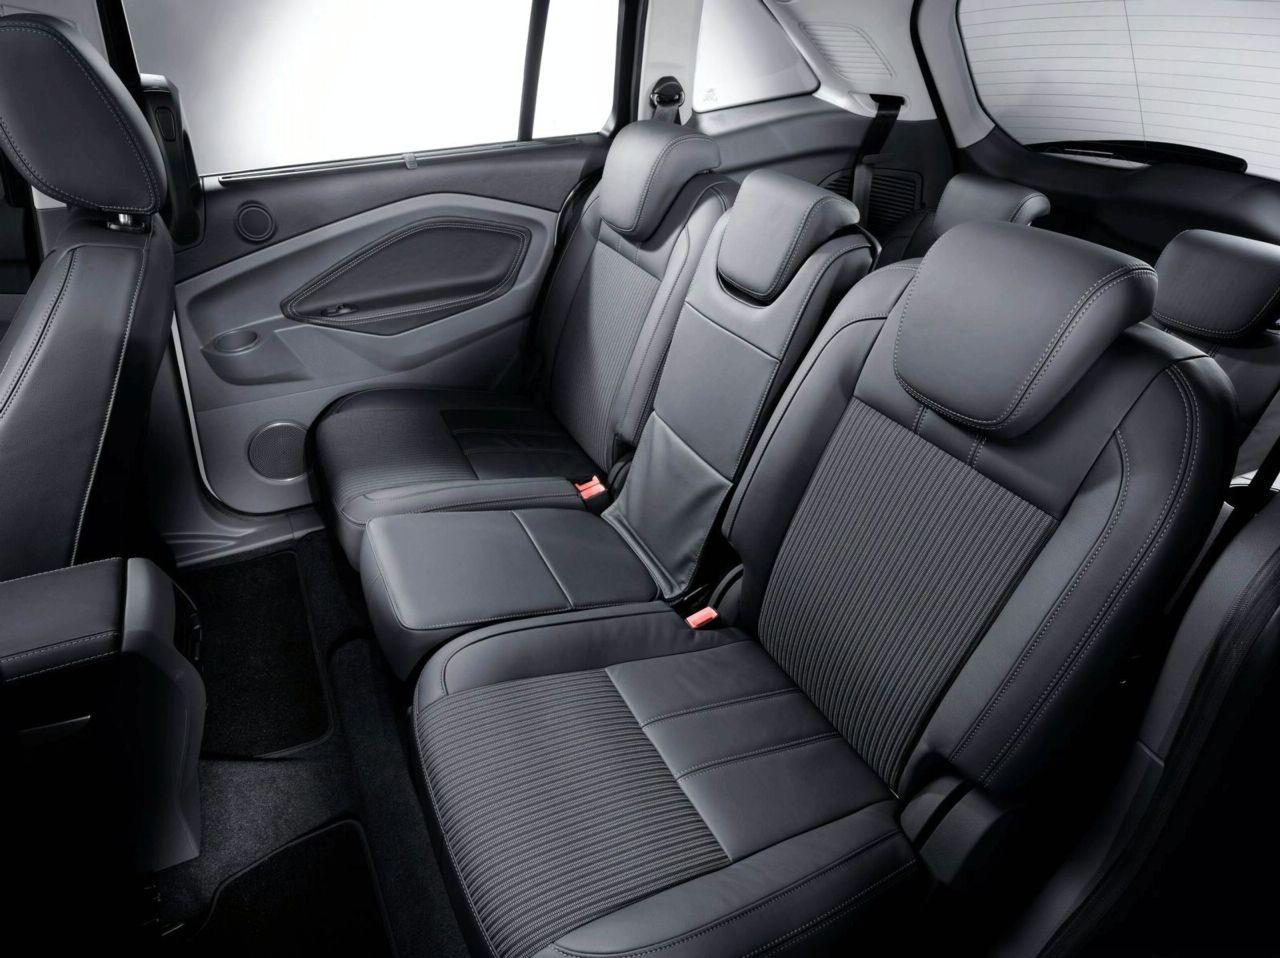 Ford c max e grand c max 14 22 for Interieur xsara picasso